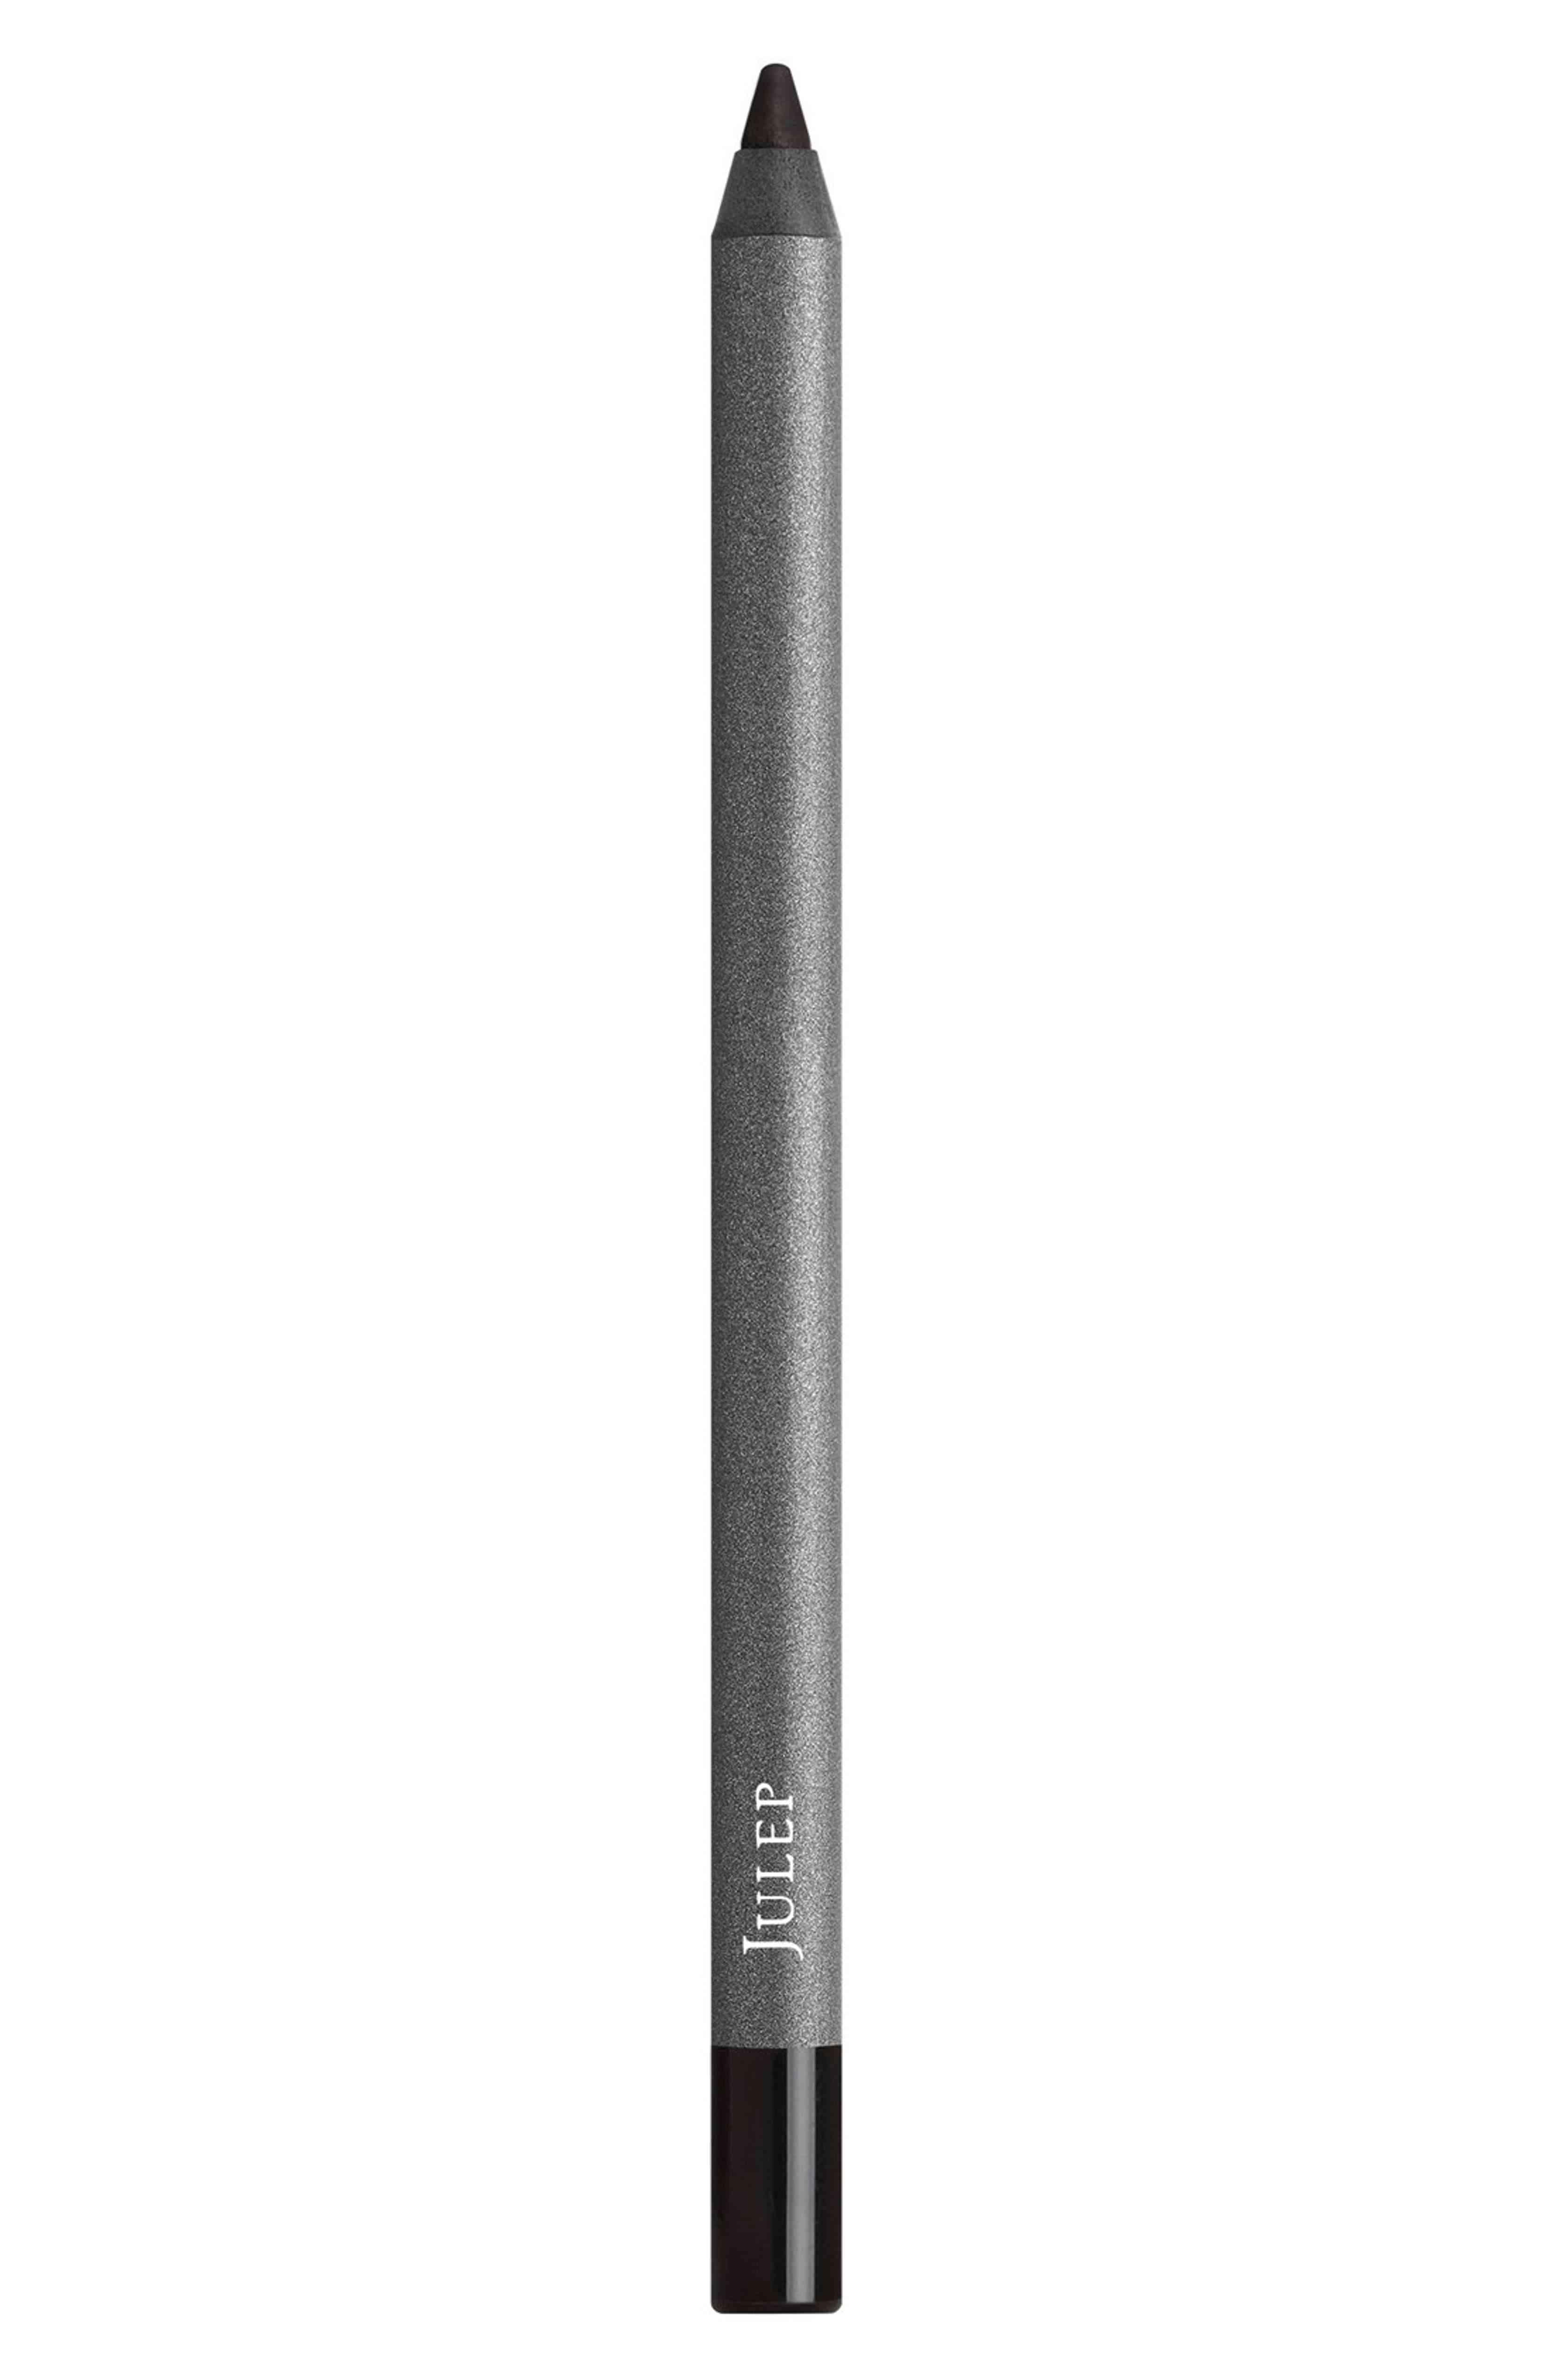 Julep When Pencil Met Gel Long-Lasting Eyeliner